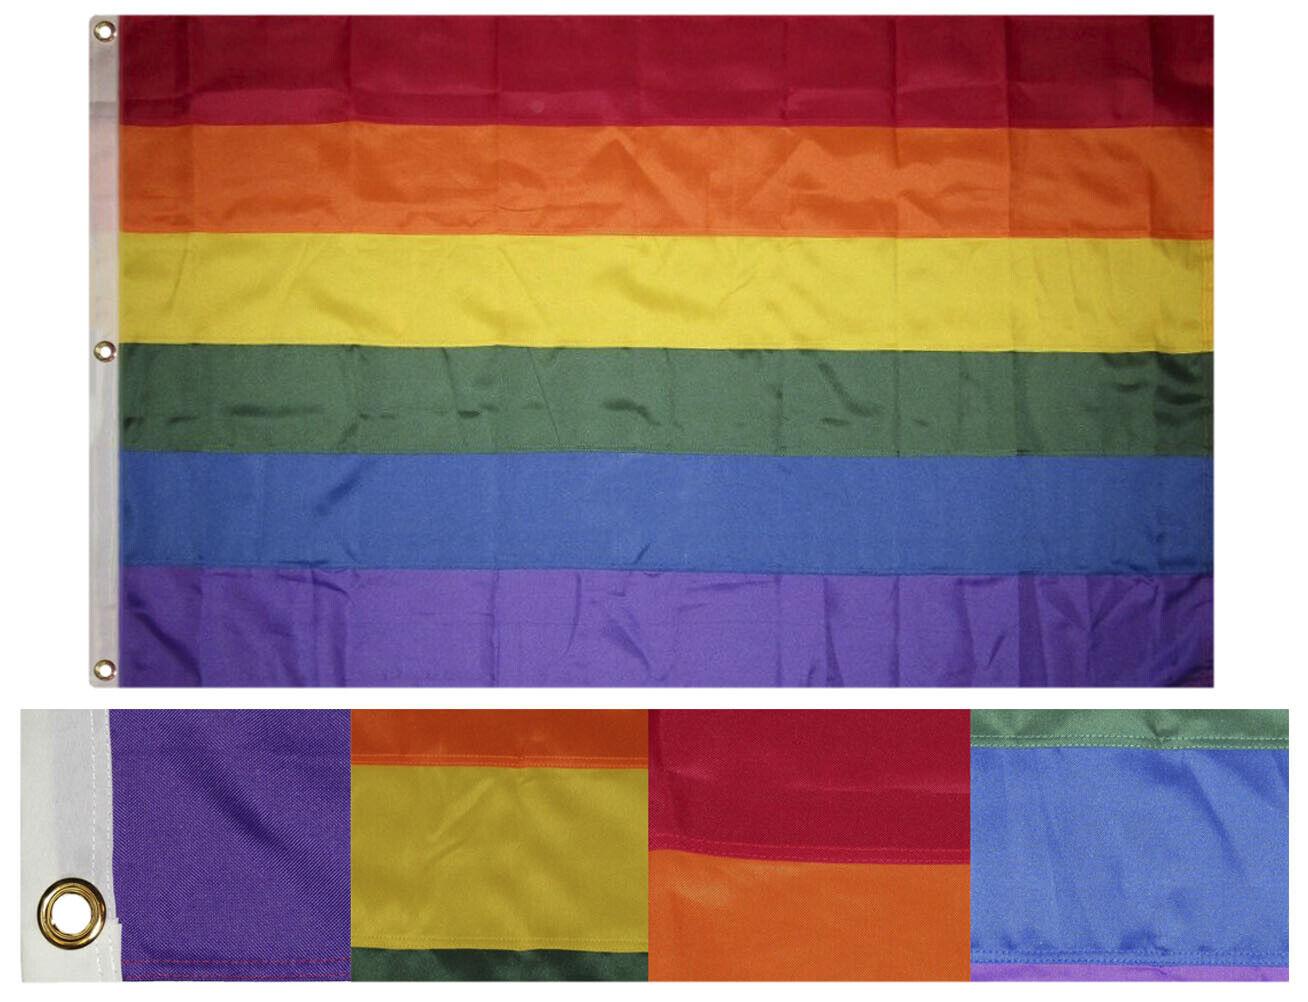 4x6 Bordado Cosidas Orgullo Gay Arco Iris Sintético Algodón Flag 1.2mx6' W